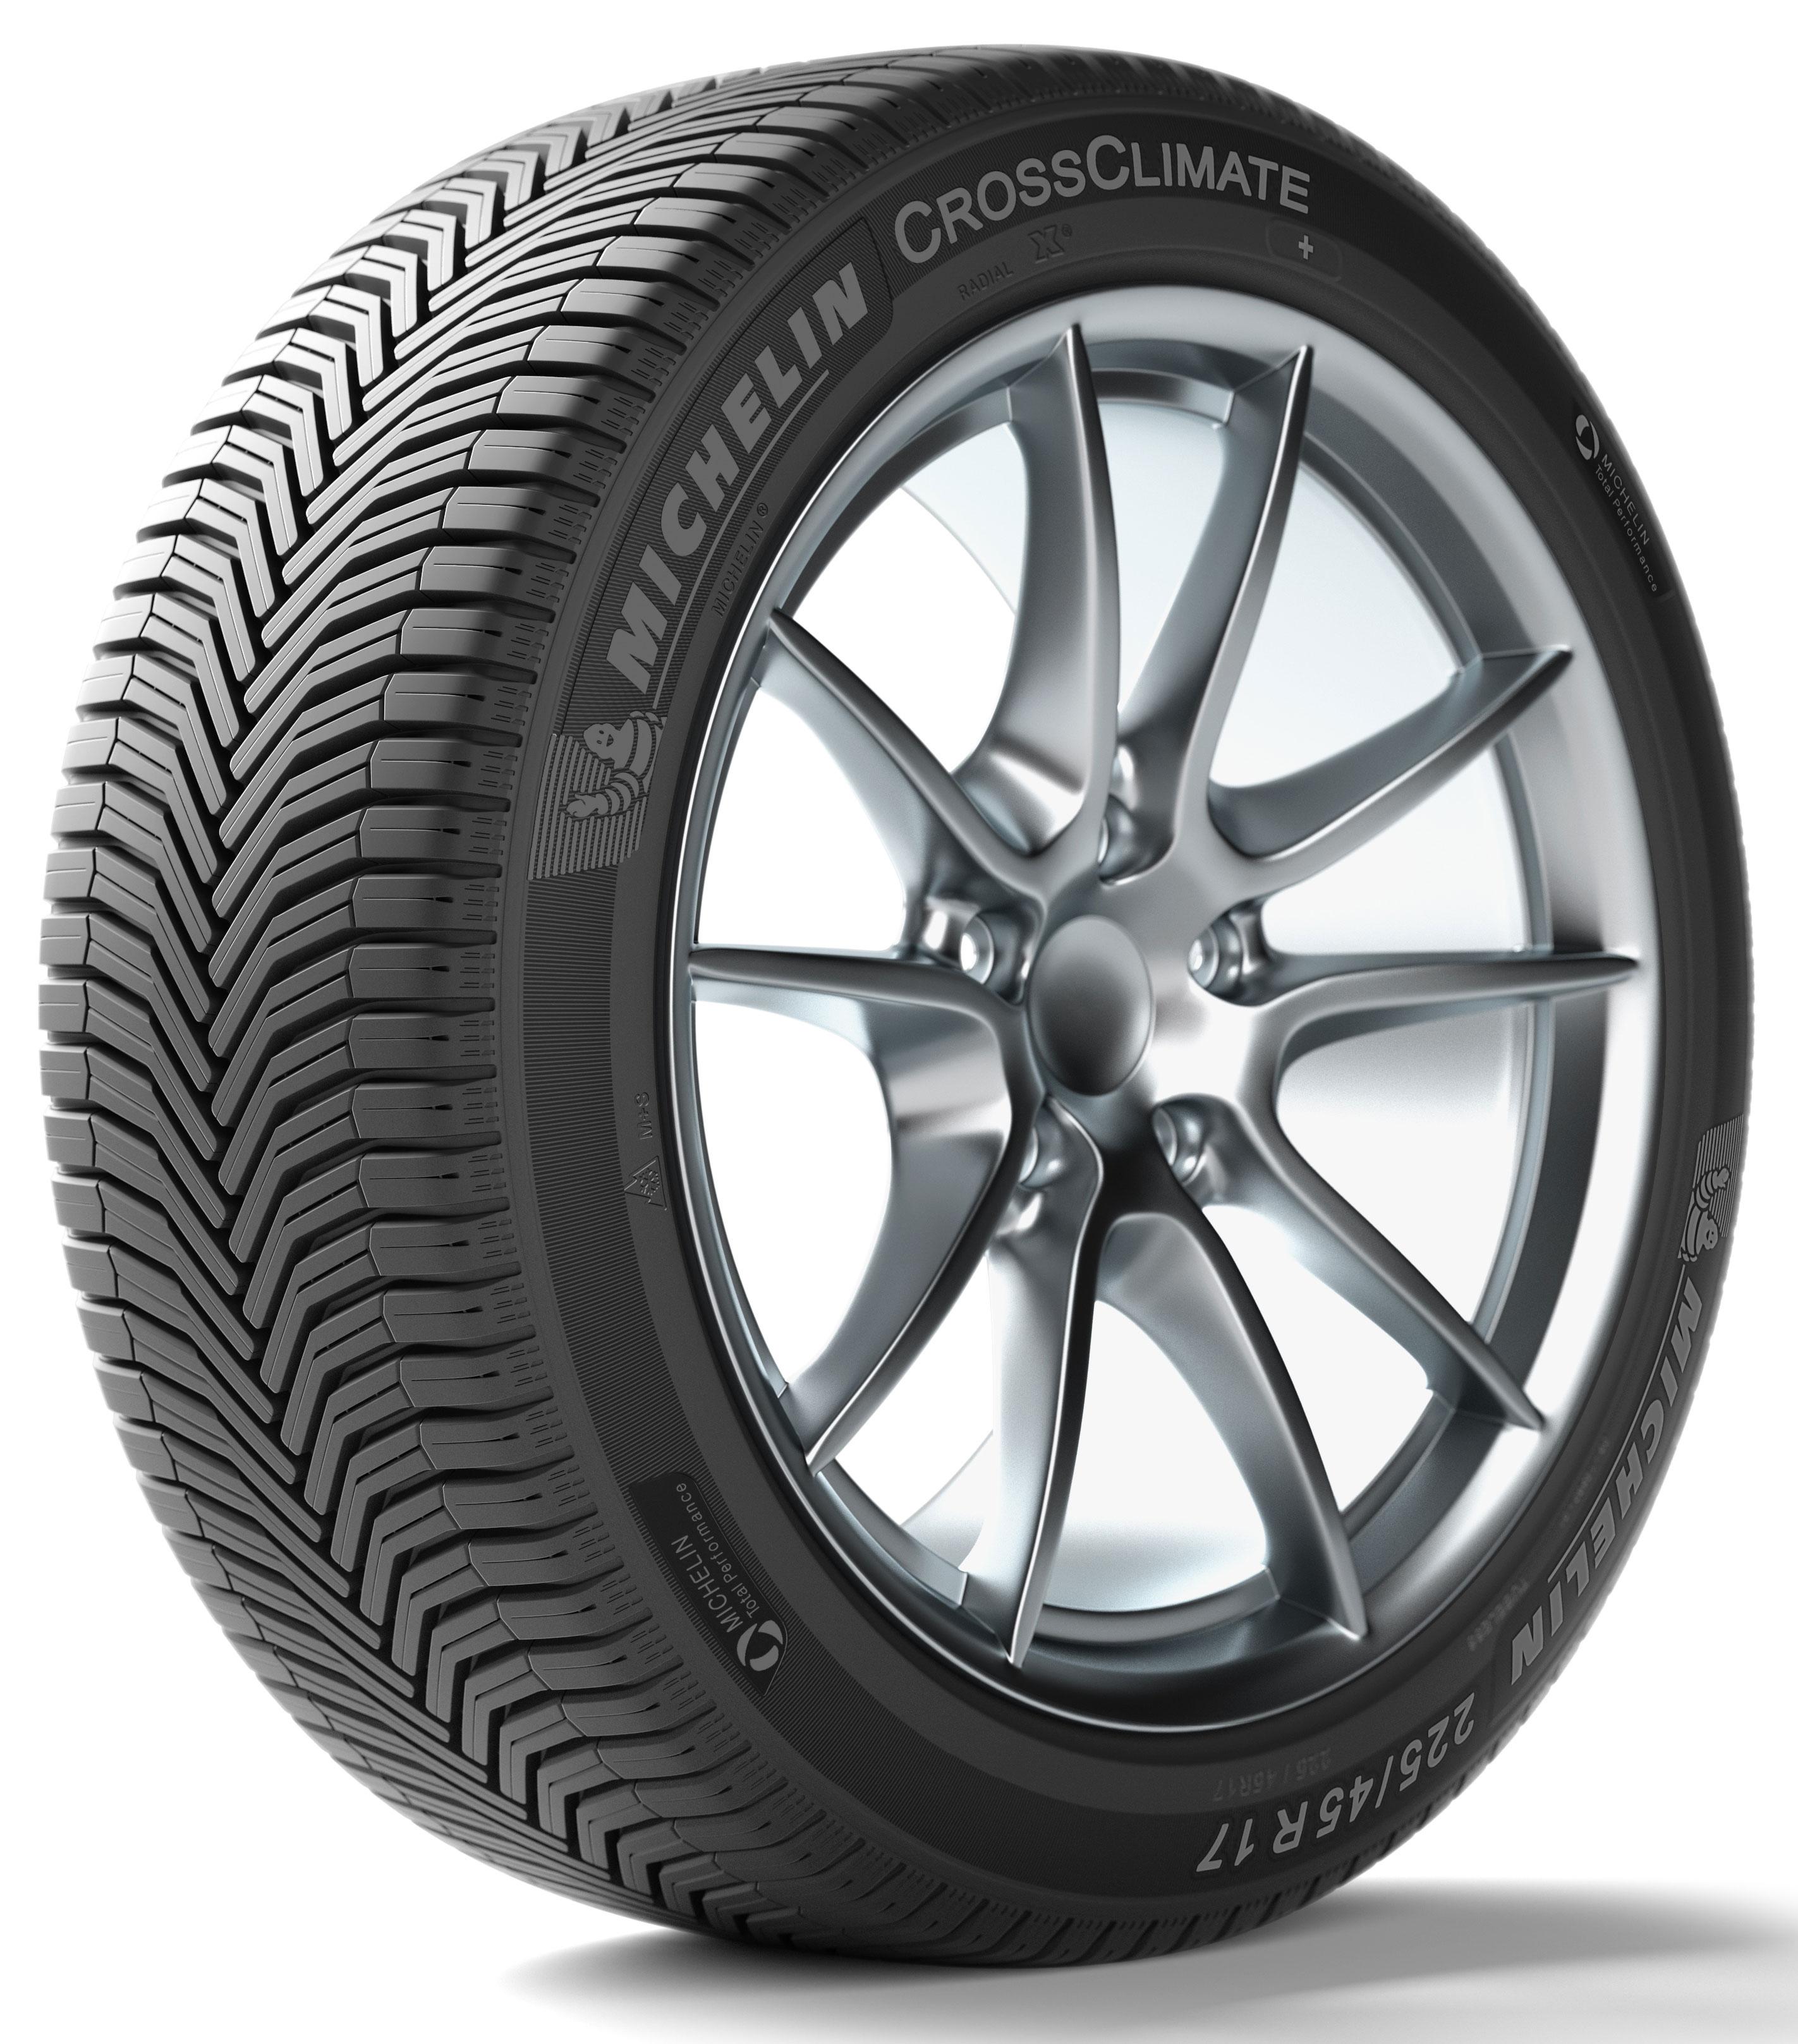 Michelin Crossclimate 165/70 R 14 85T celoroční